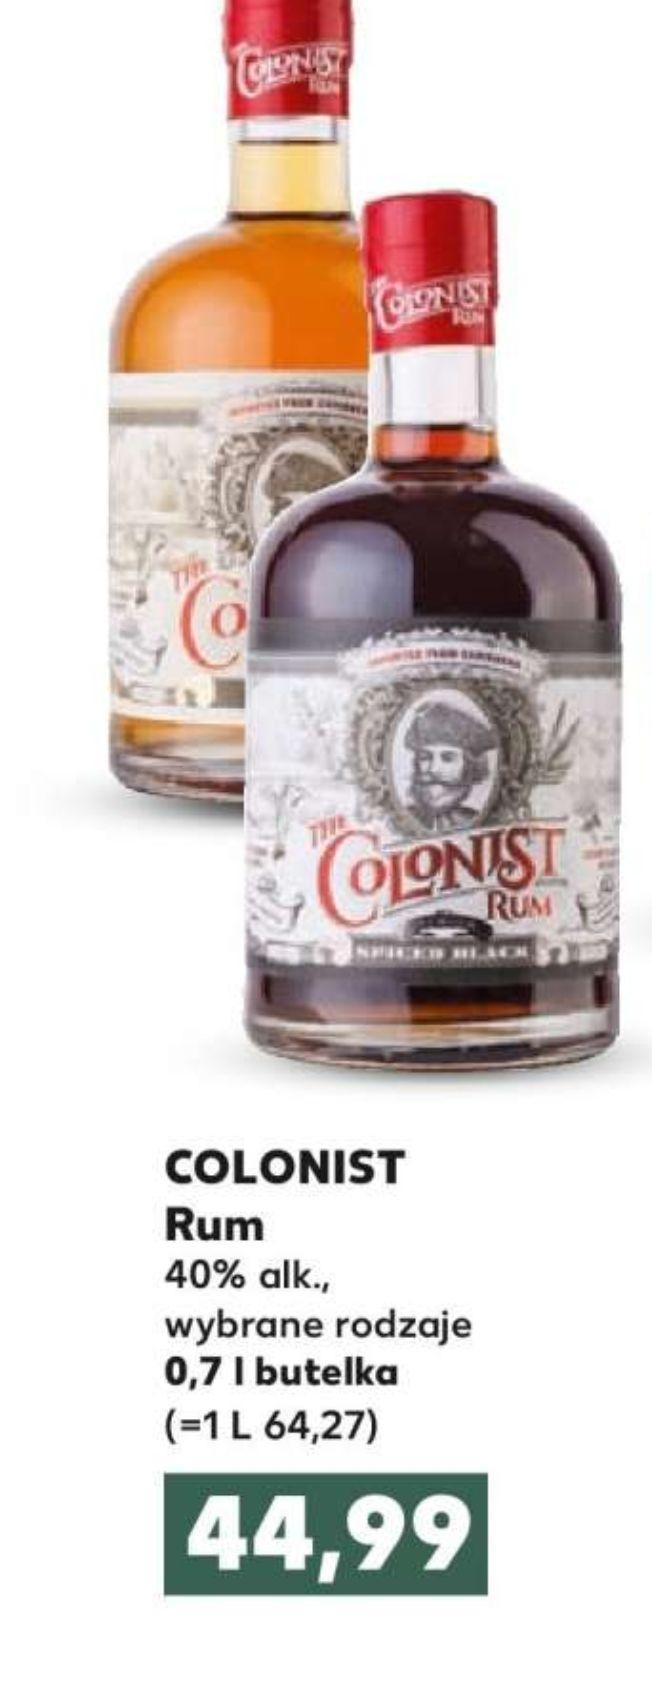 Rum Colonist 0,7l. Kaufland